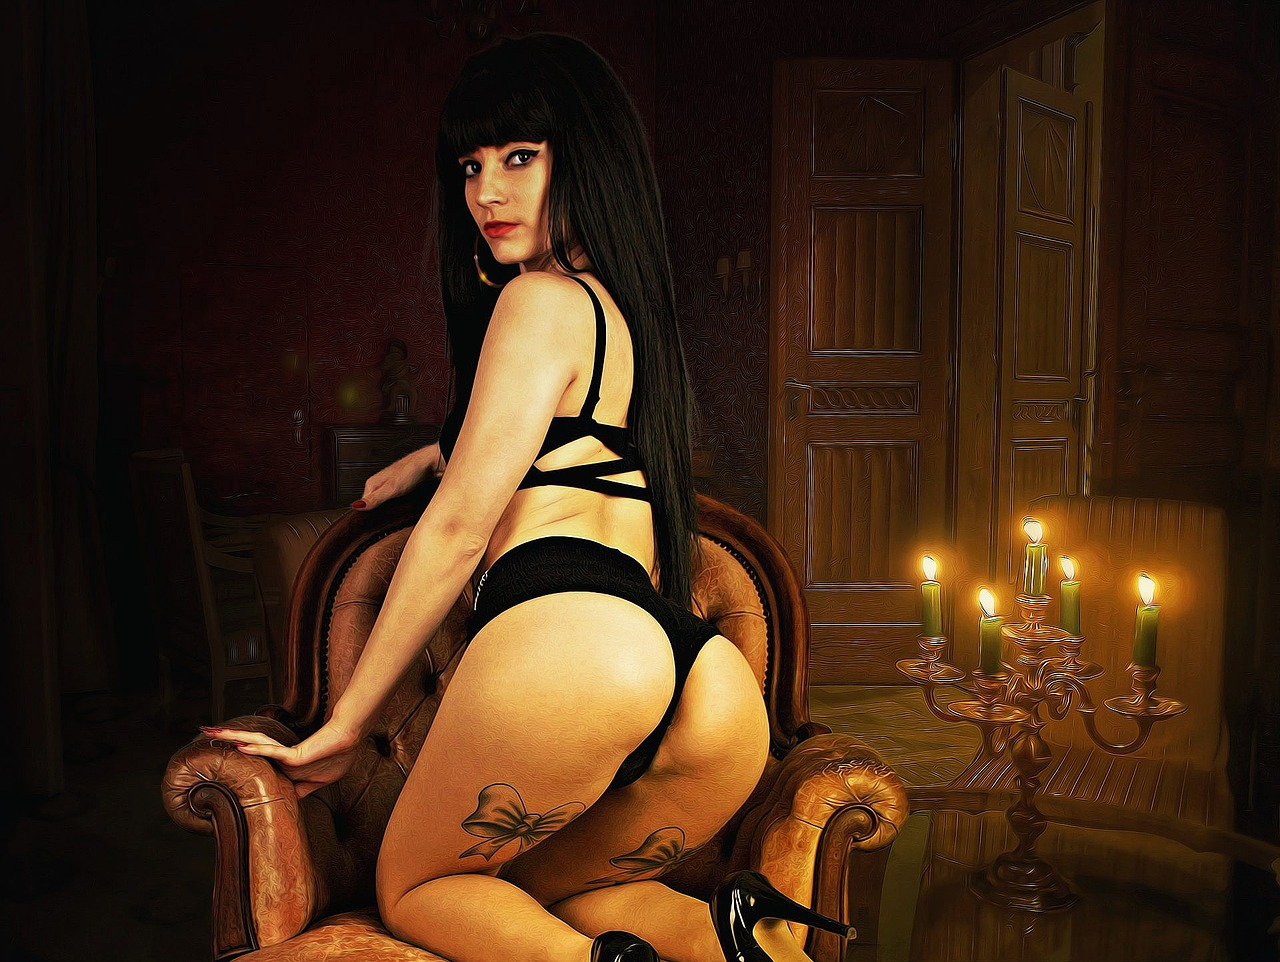 Женщина в сексуальной позе на кресле